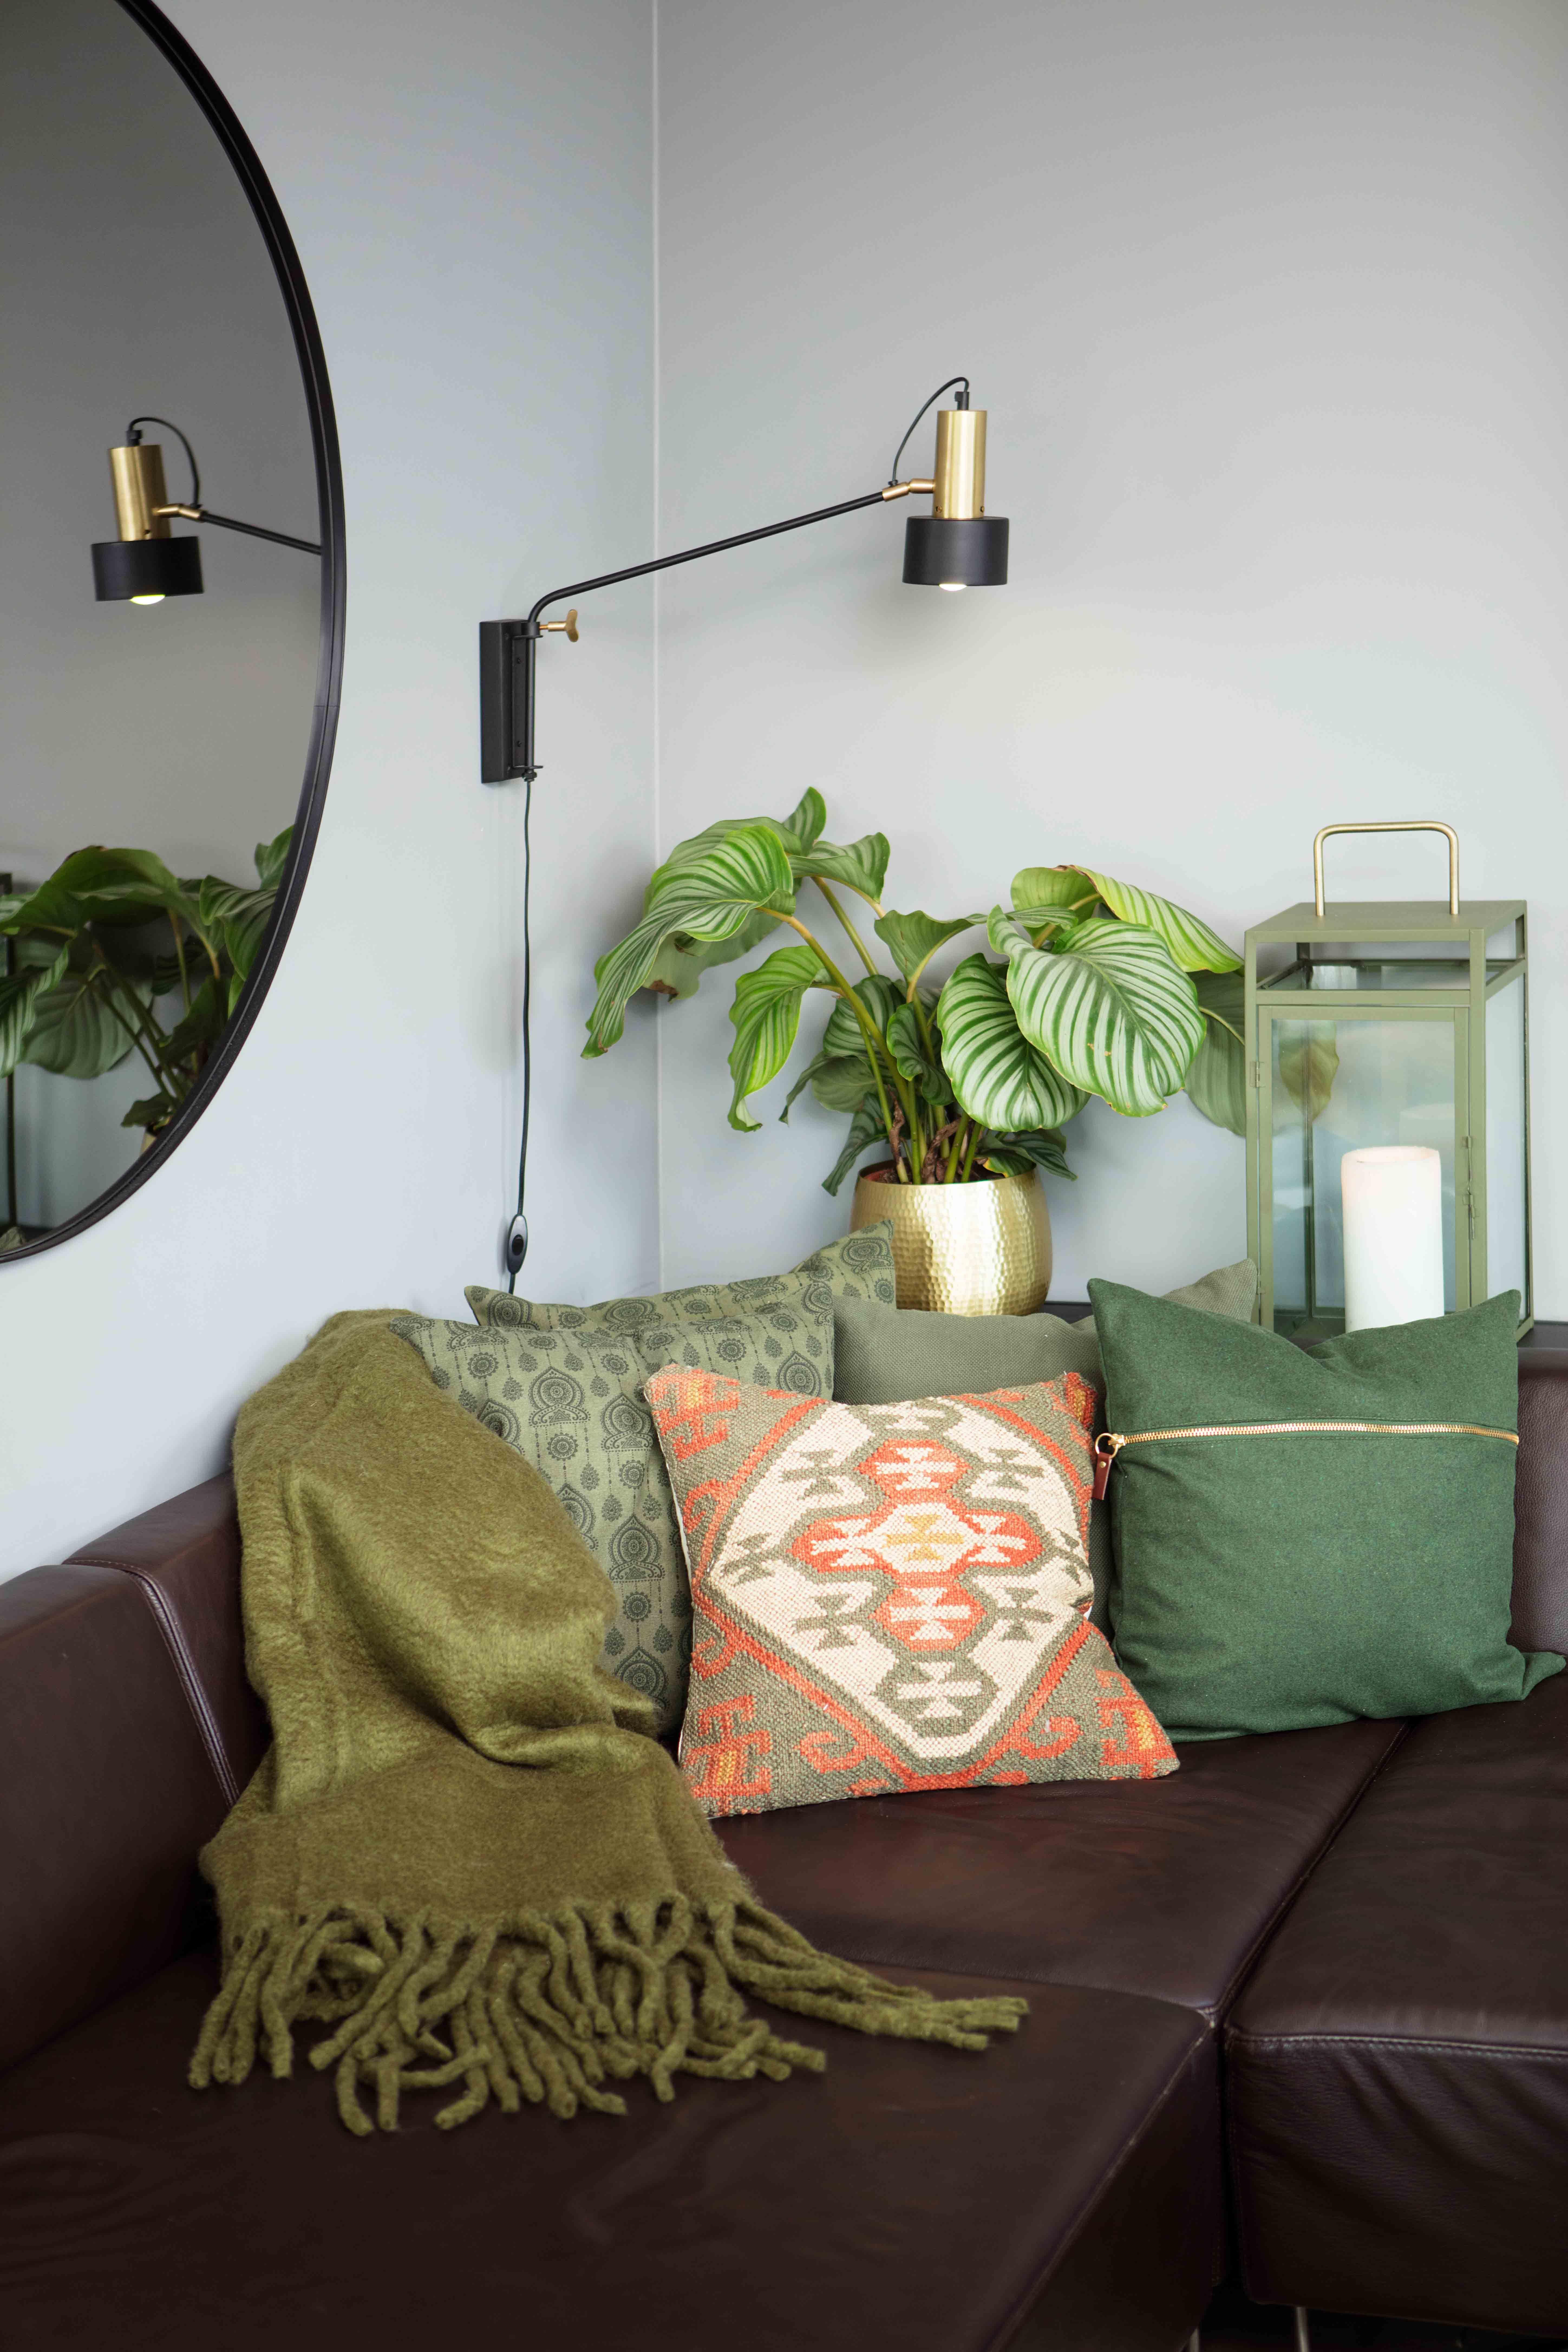 interiør lamper